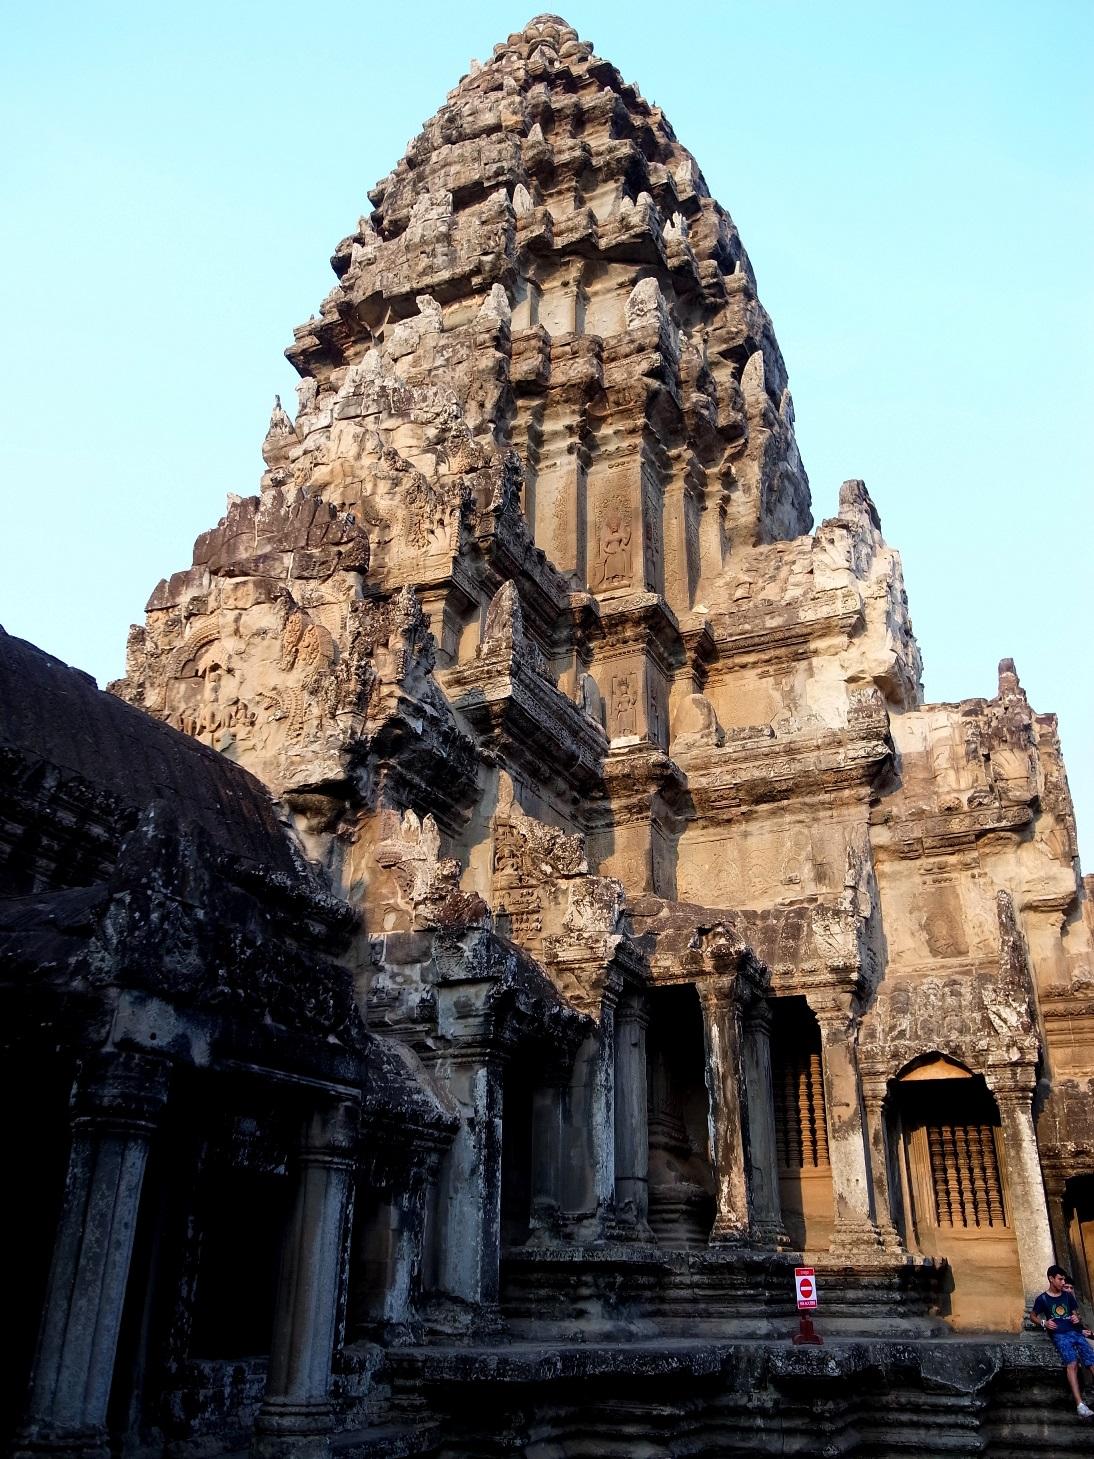 カンボジア、アンコールワット 自転車旅行記